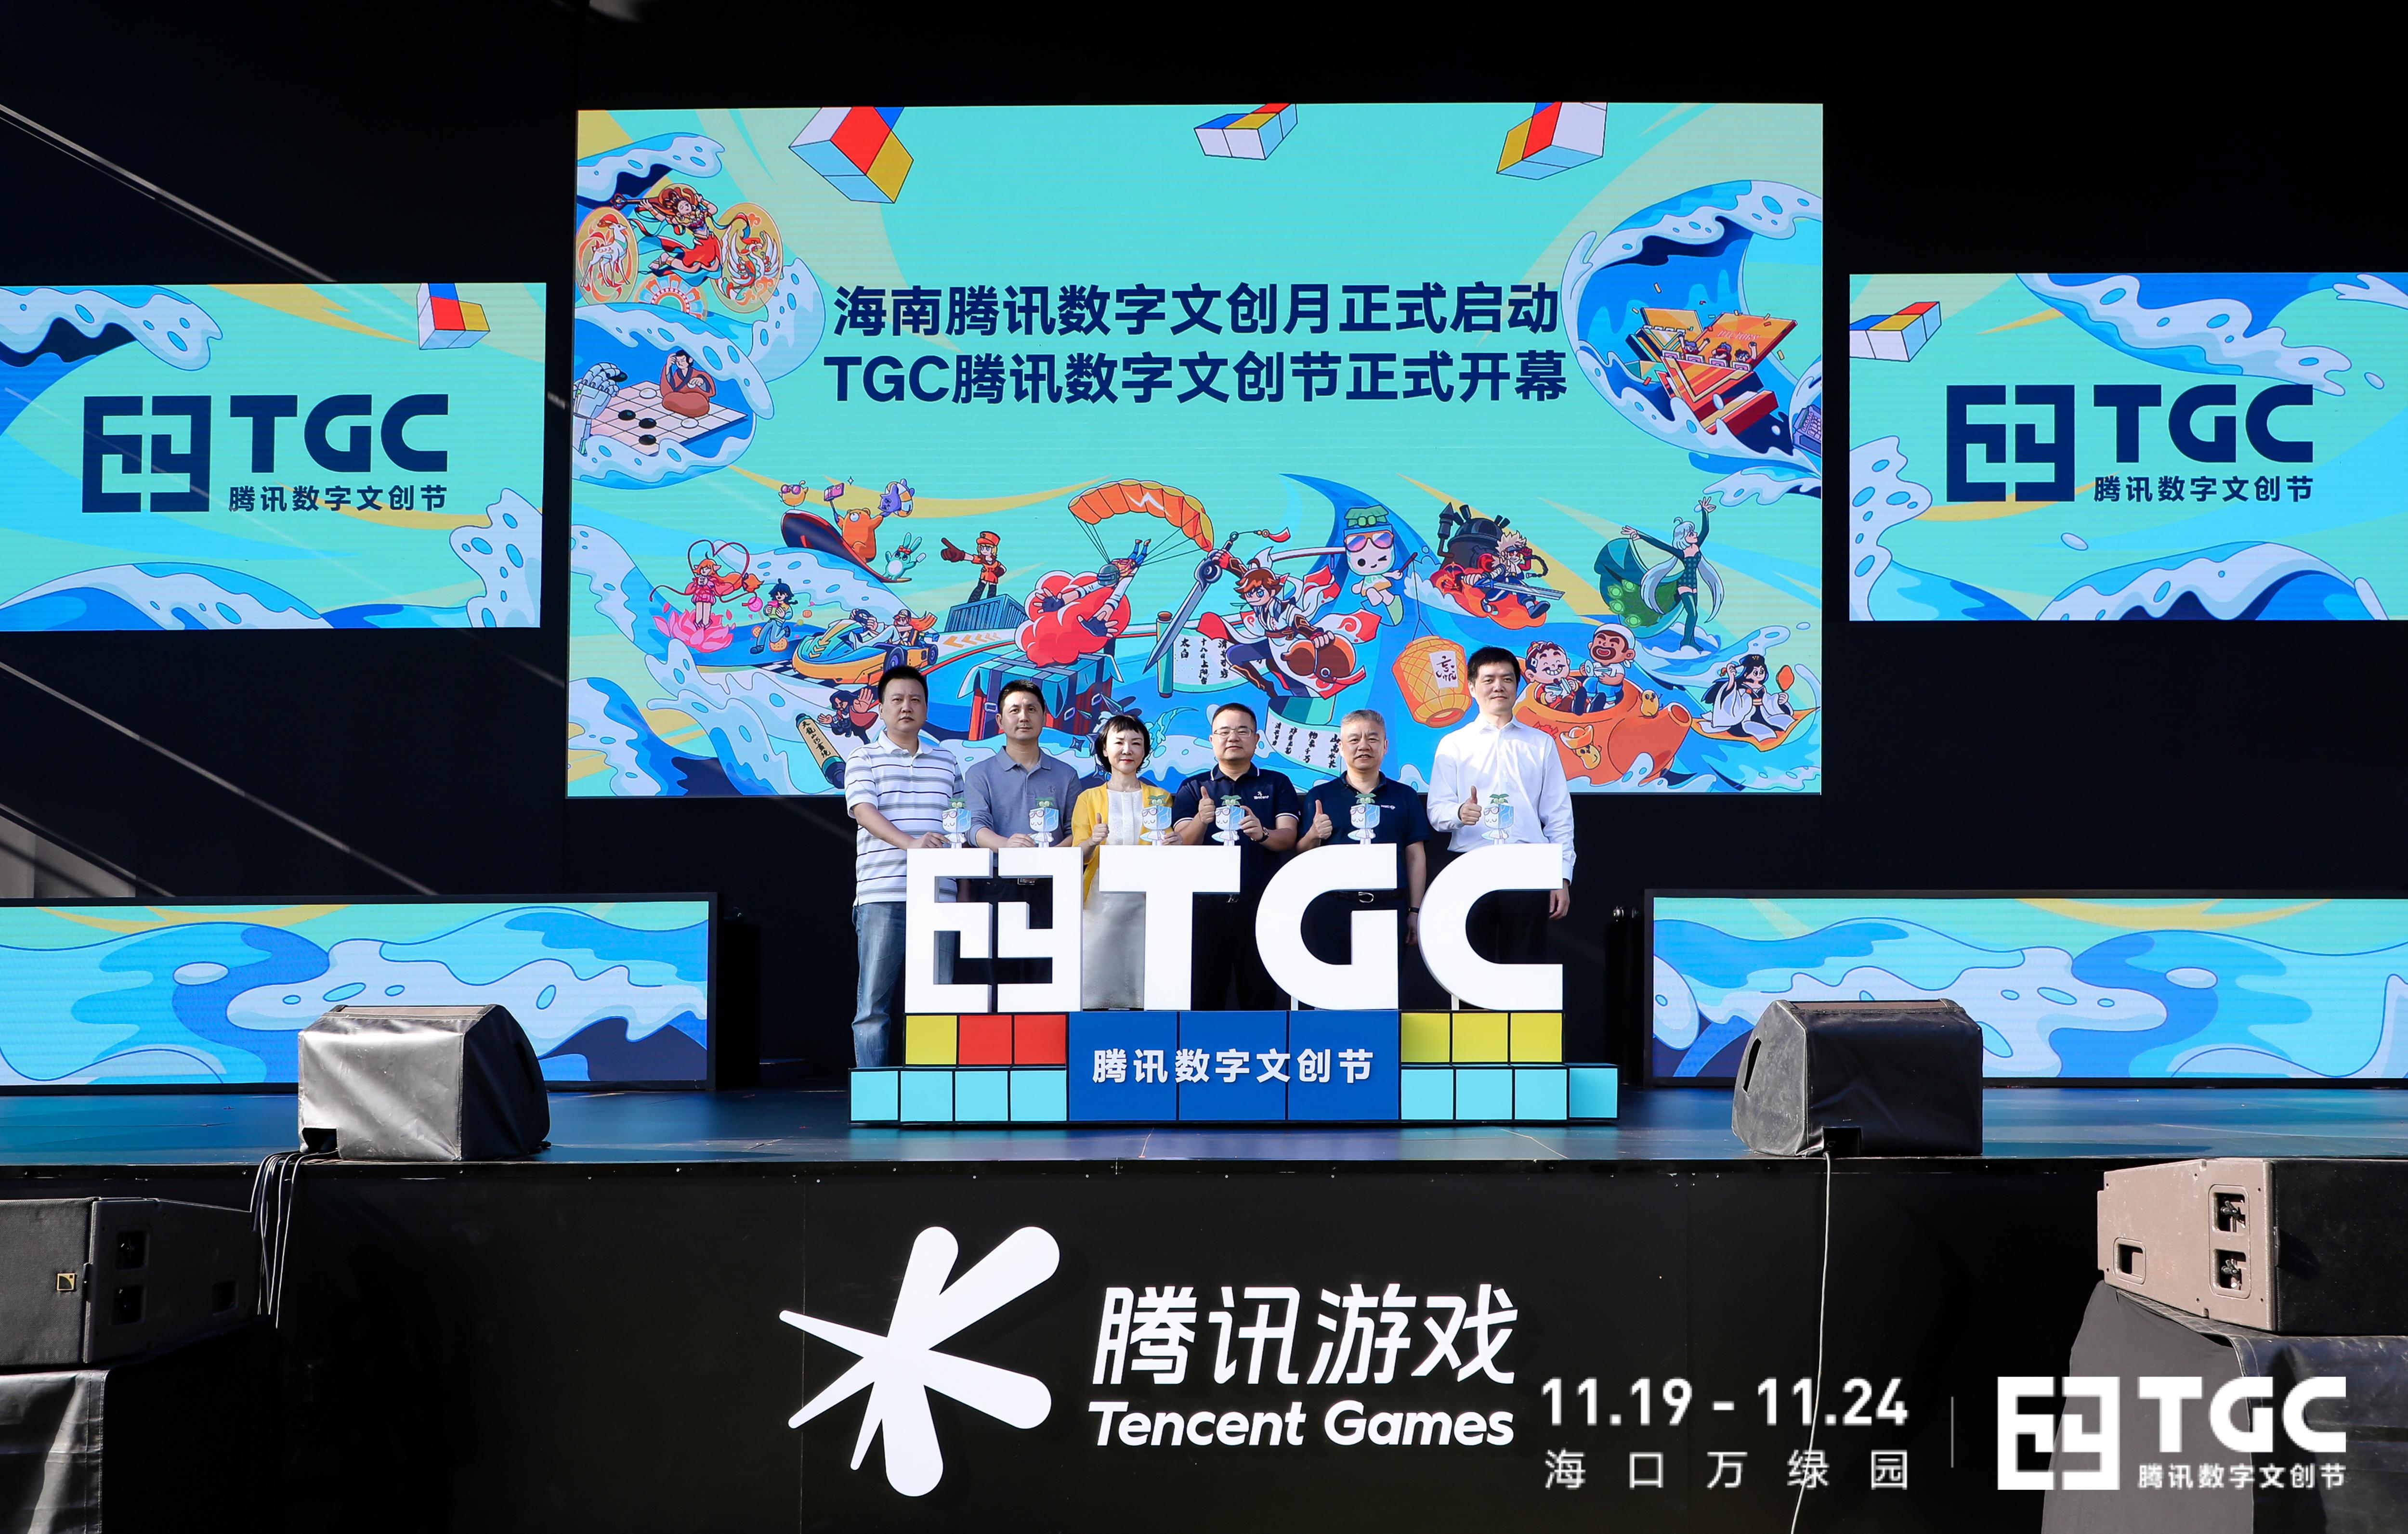 TGC腾讯数字文创节惊喜开幕,来文化热浪里打个滚儿!